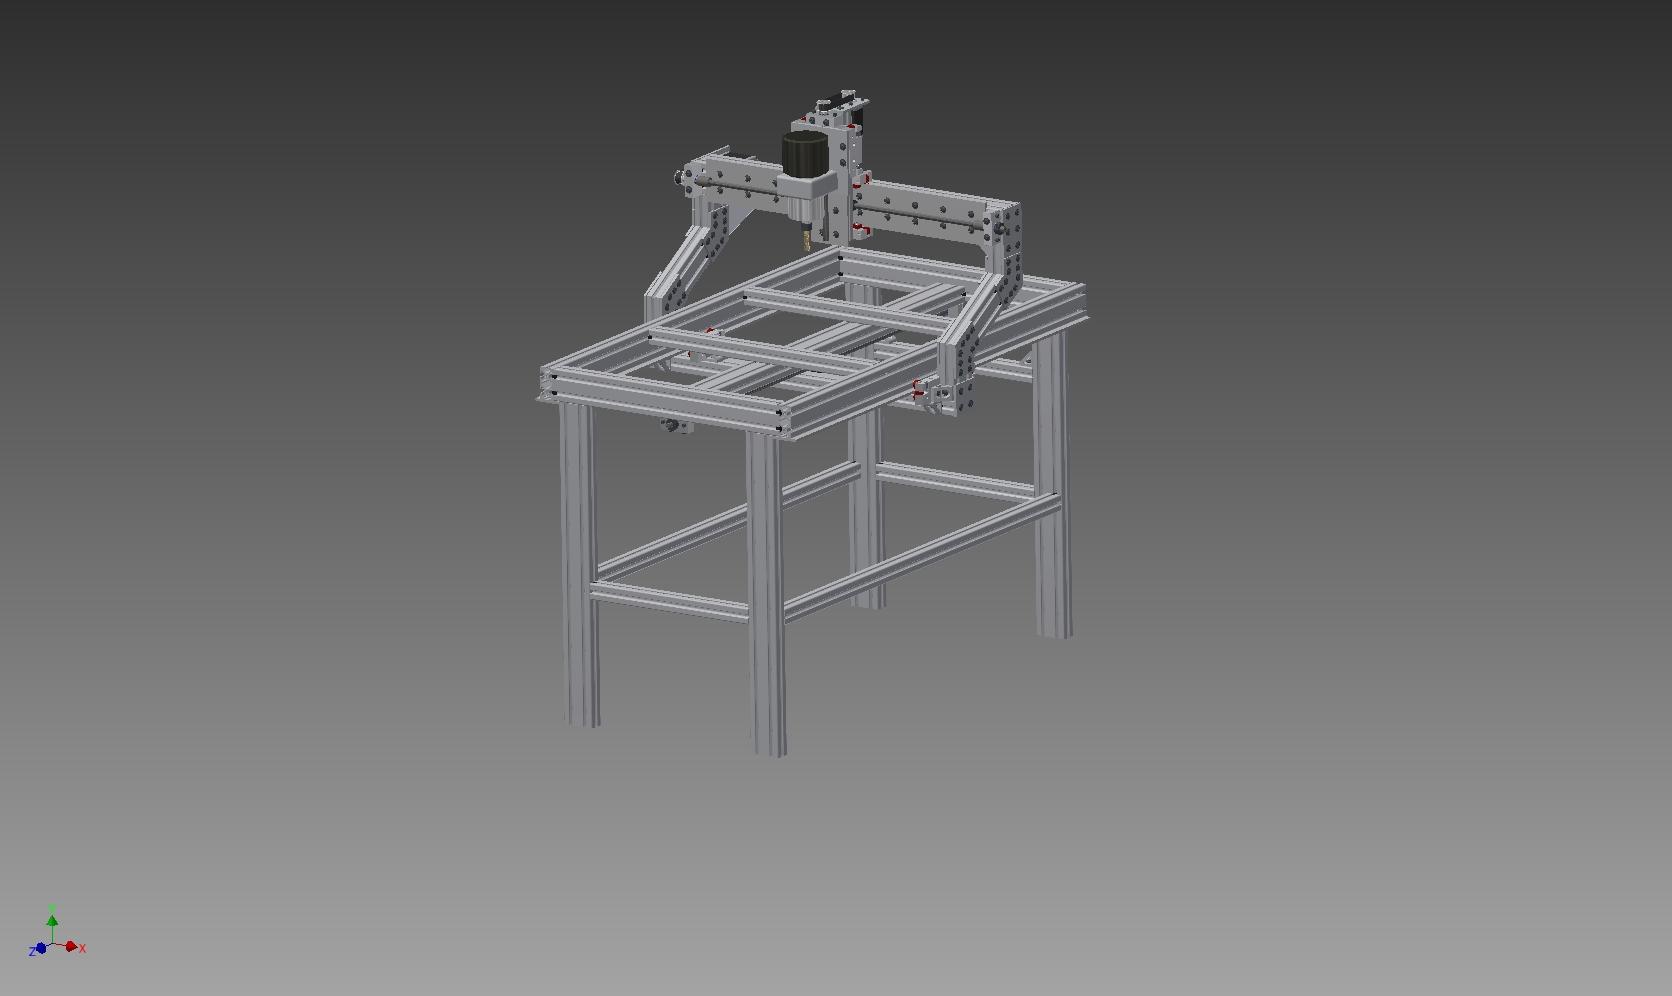 雕刻机cncDIY资料三维设计图纸图纸很详细剧情密秘机床图片